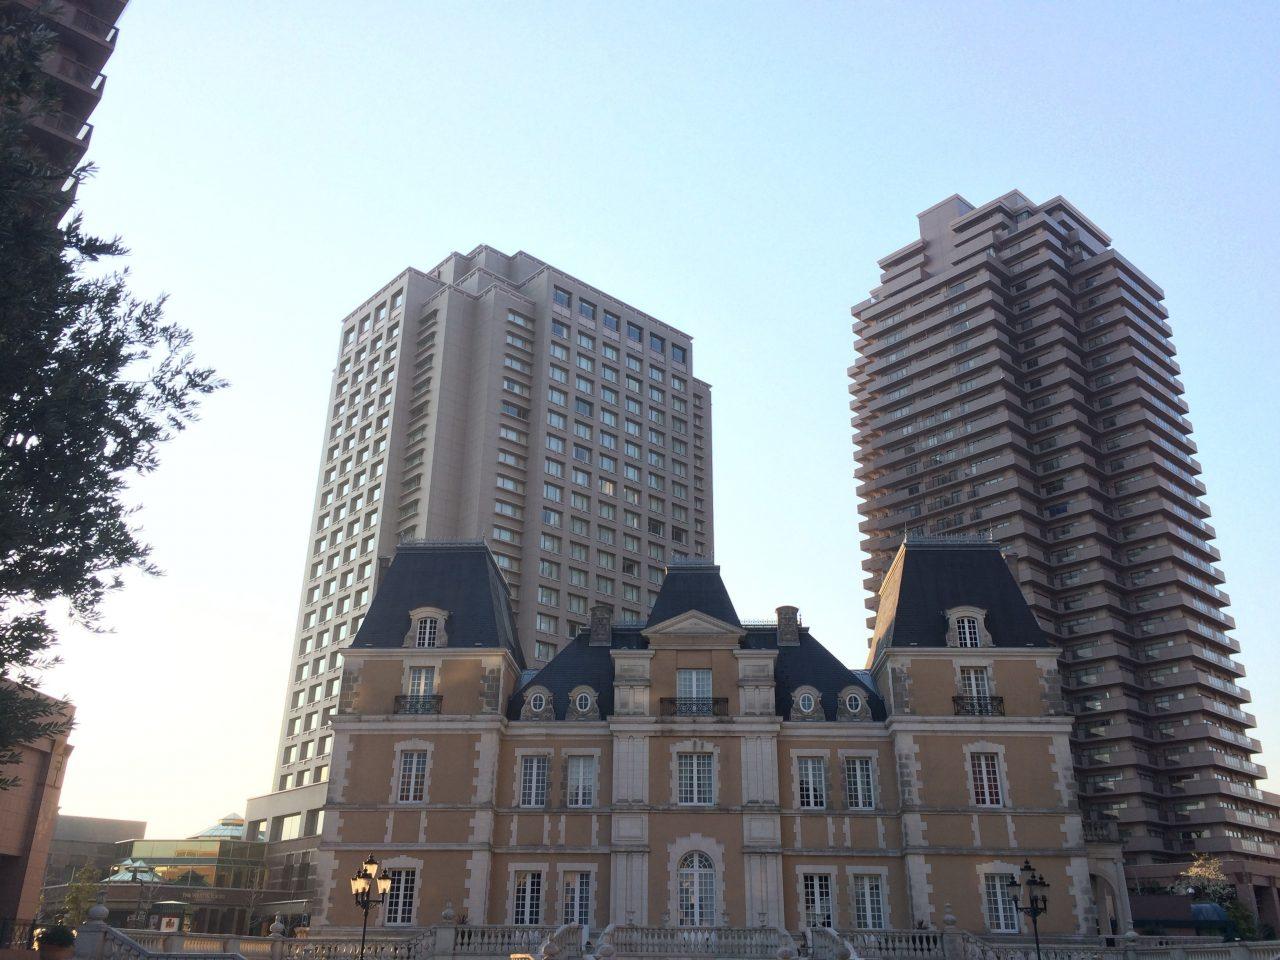 恵比寿ガーデンプレイスの洋館と高層ビルの写真